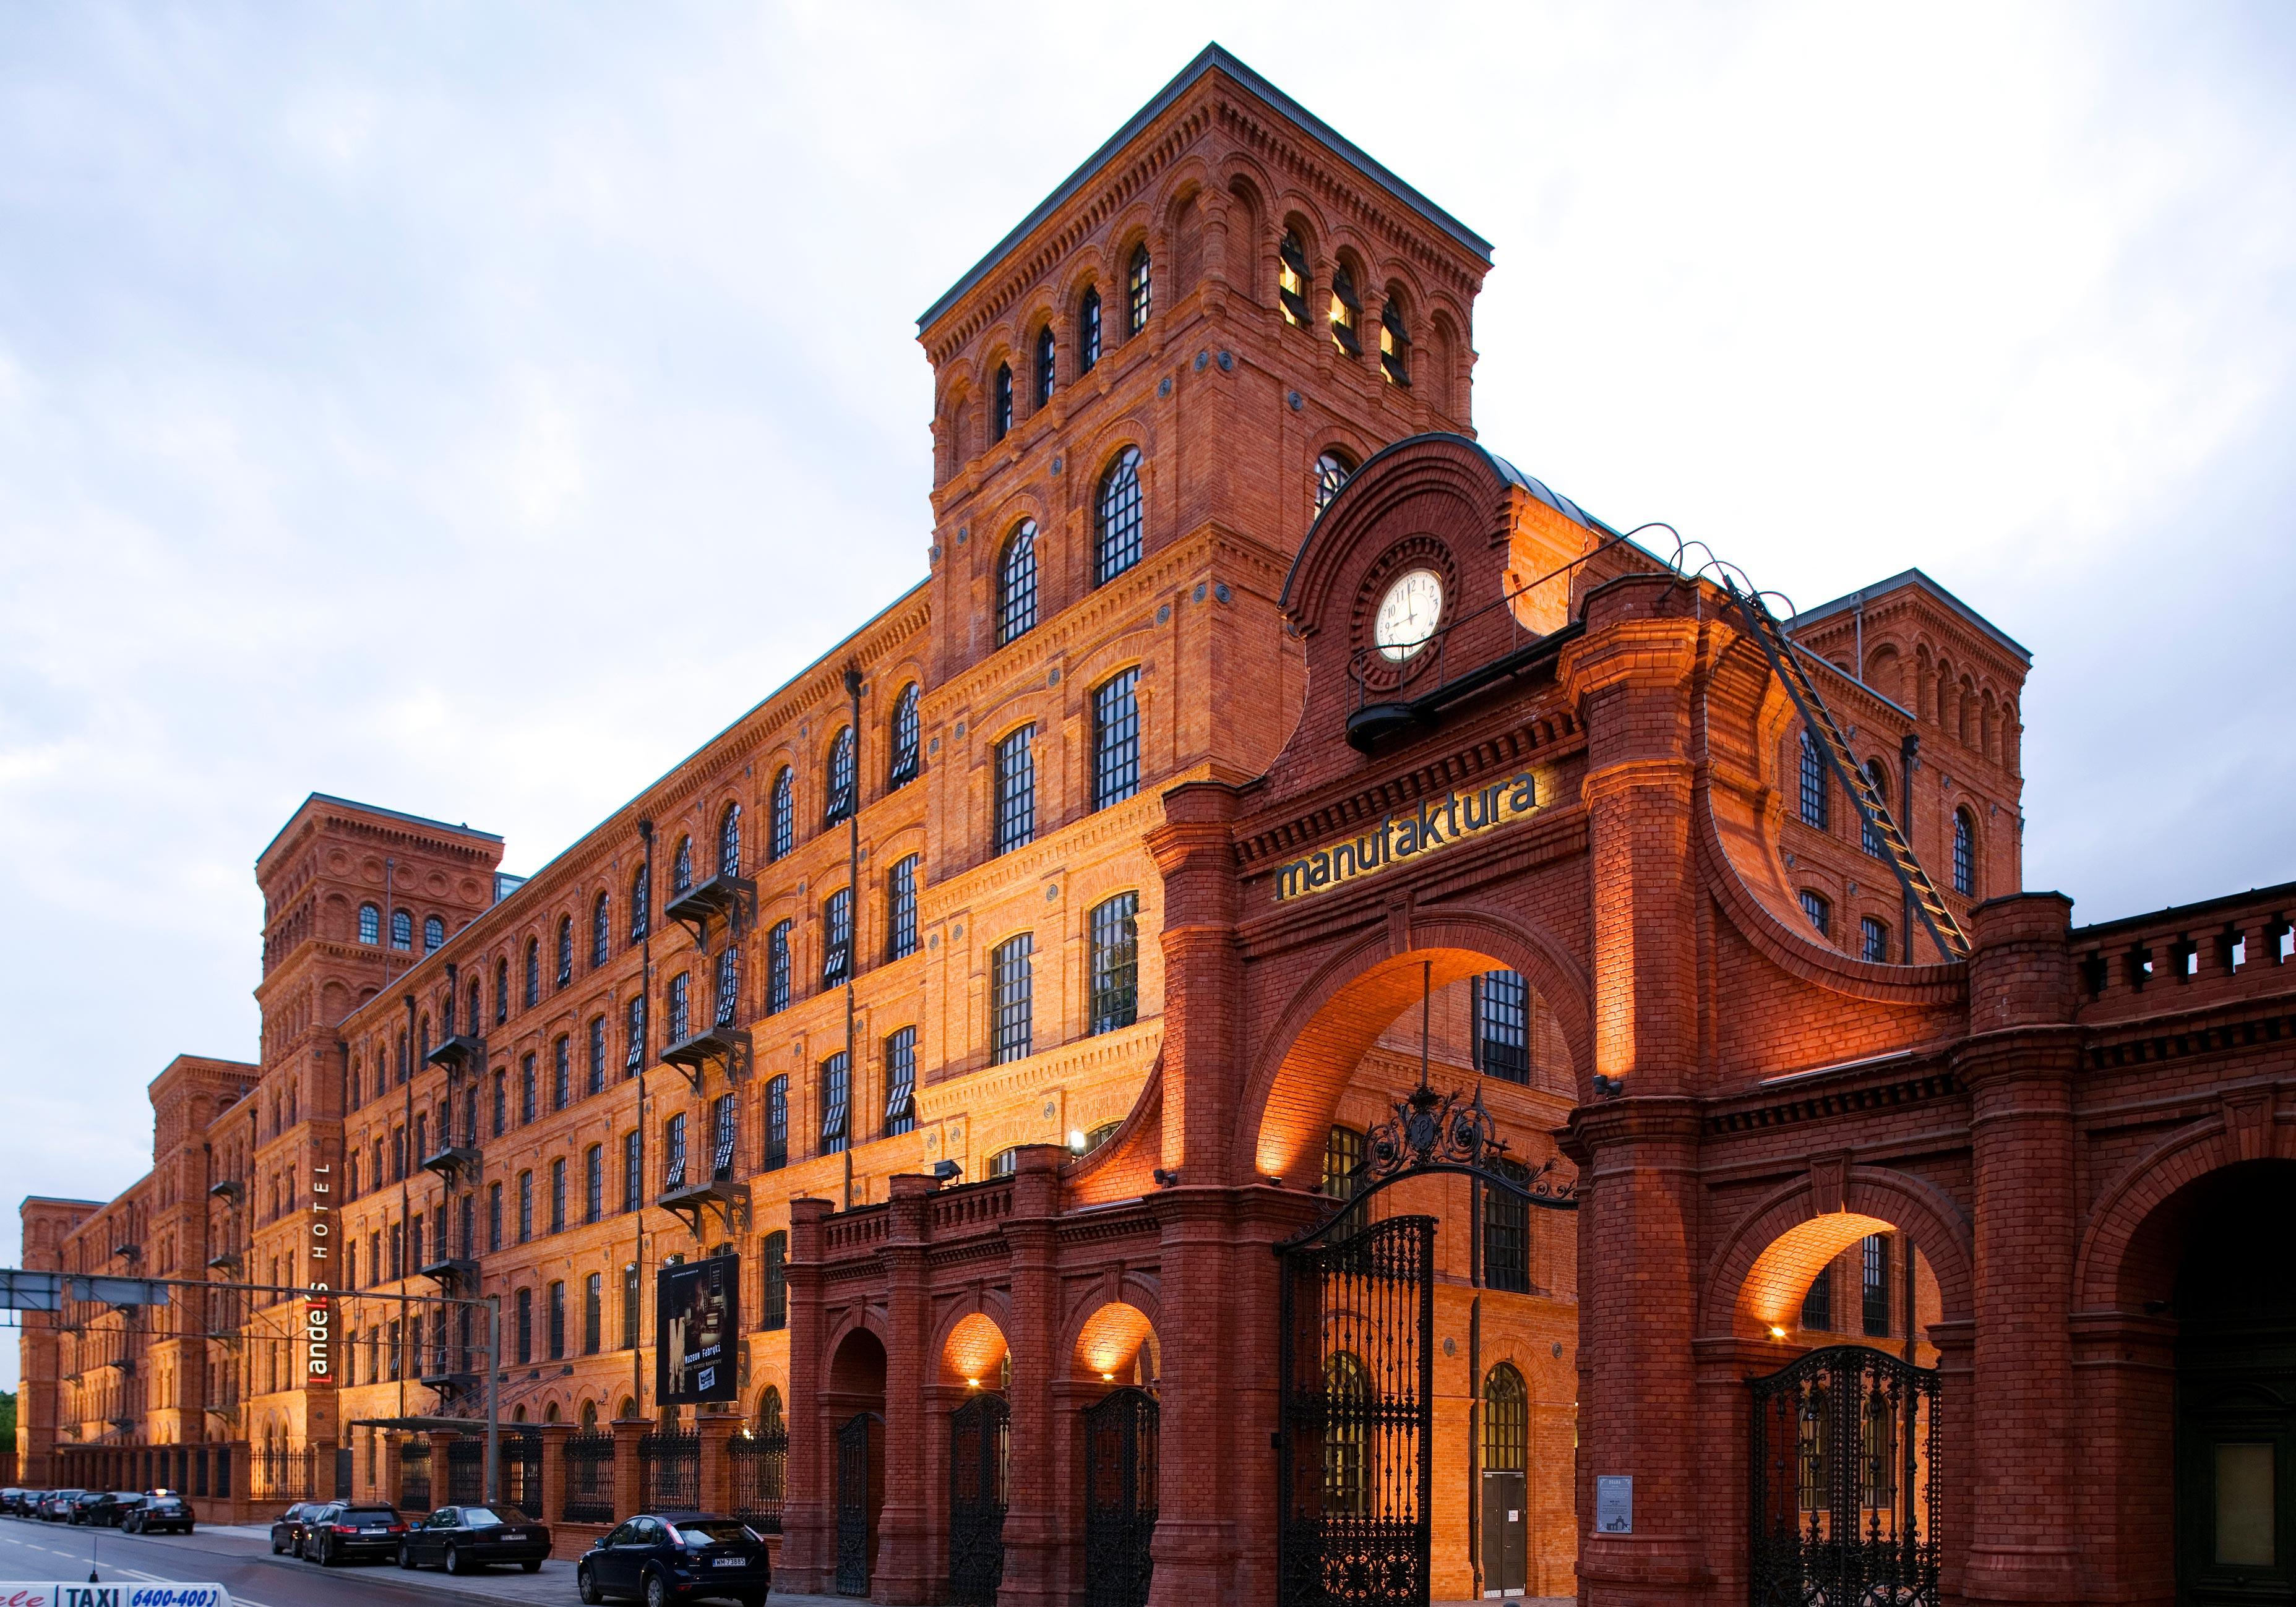 Andel's Hotel w Łodzi. (Fot. : Mat. pras. Warimpex).